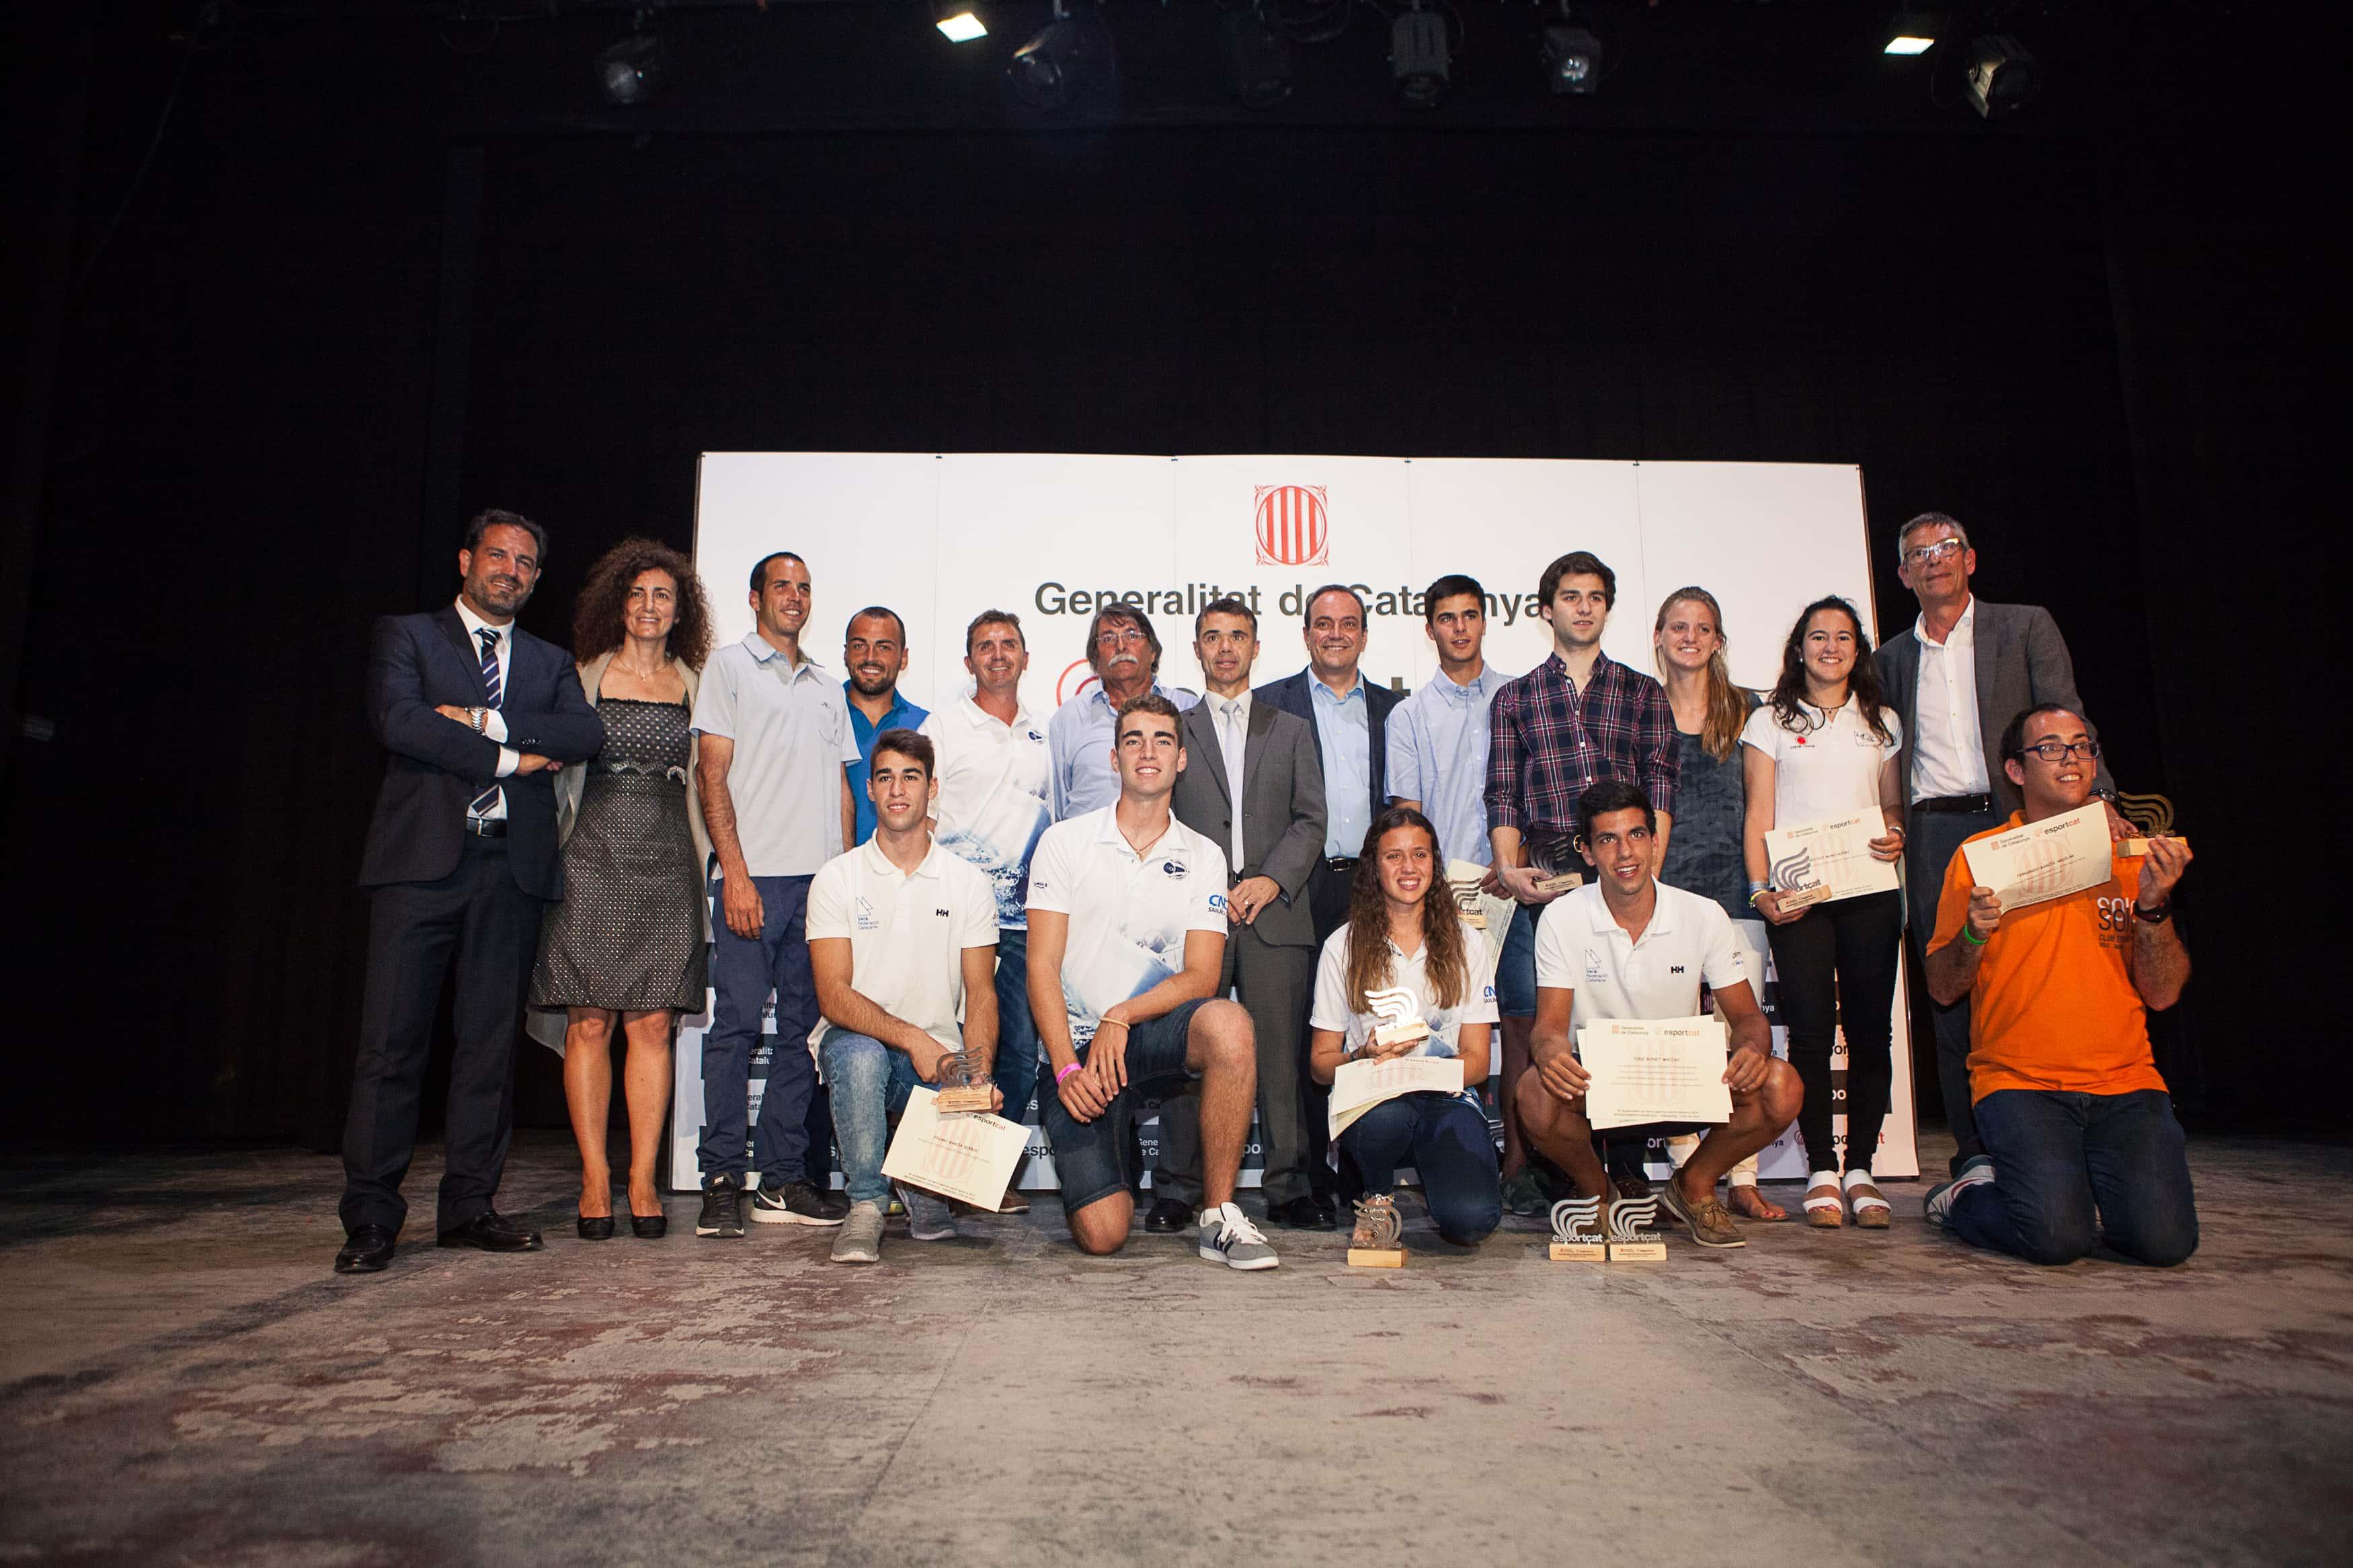 Reconocimientos Deportivos Tarragona 2014 a los regatistas de Club Nàutic Cambrils